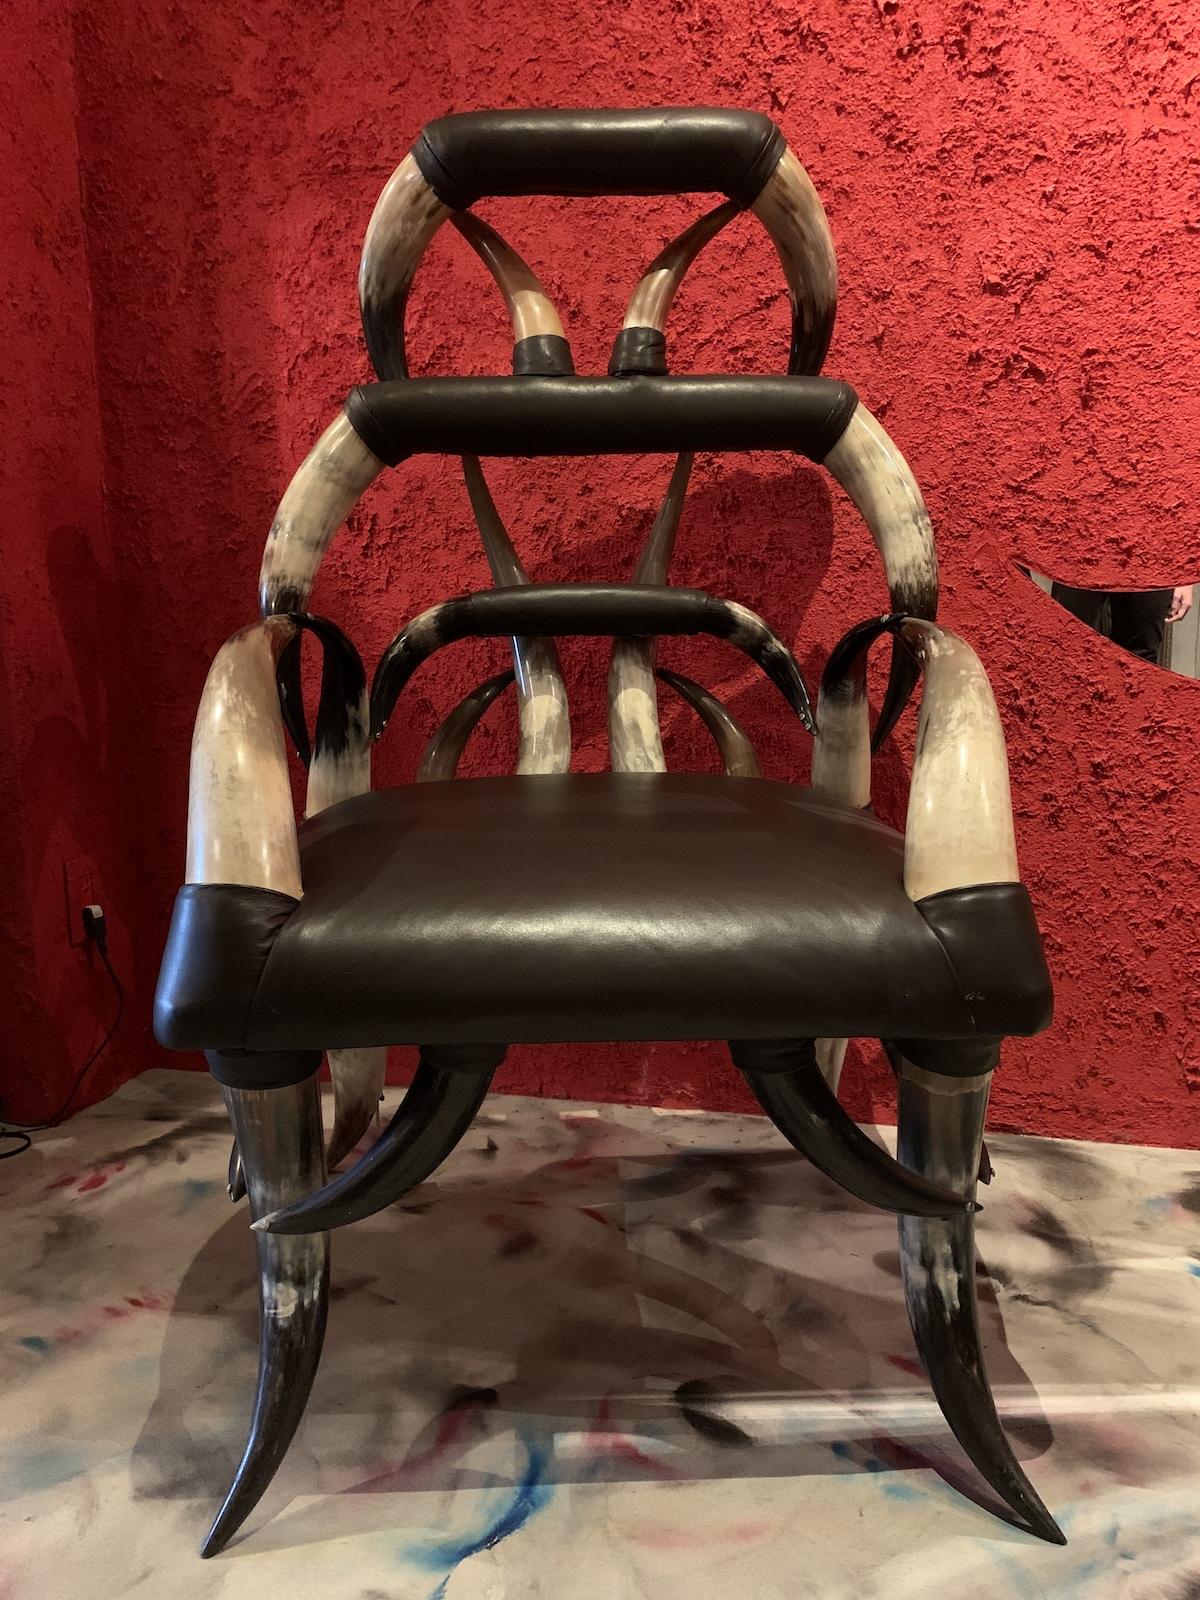 水牛の角で制作された、穏やかじゃない雰囲気のヴィンテージの椅子。悪魔が座る玉座のようだ。¥330,000